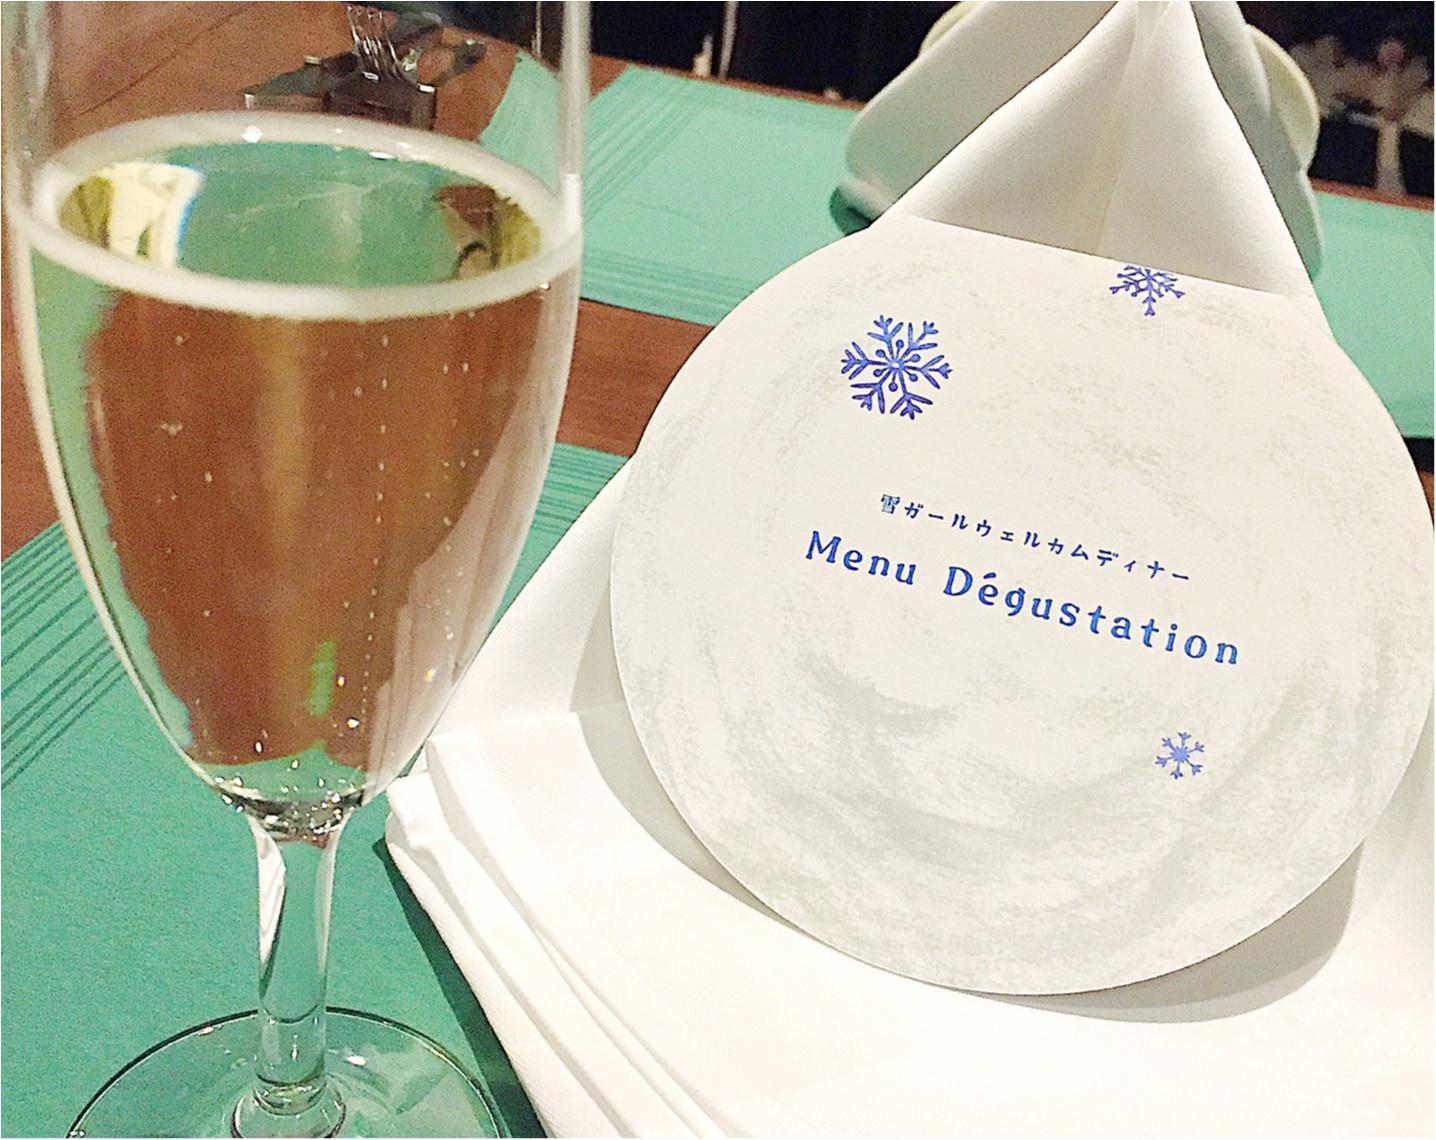 《街歩き服で氷のリゾートへ突撃!!》「星野リゾート リゾナーレトマム」が提案する「雪ガールステイ」で快適・便利・楽しい!女子旅をしよう♡_7